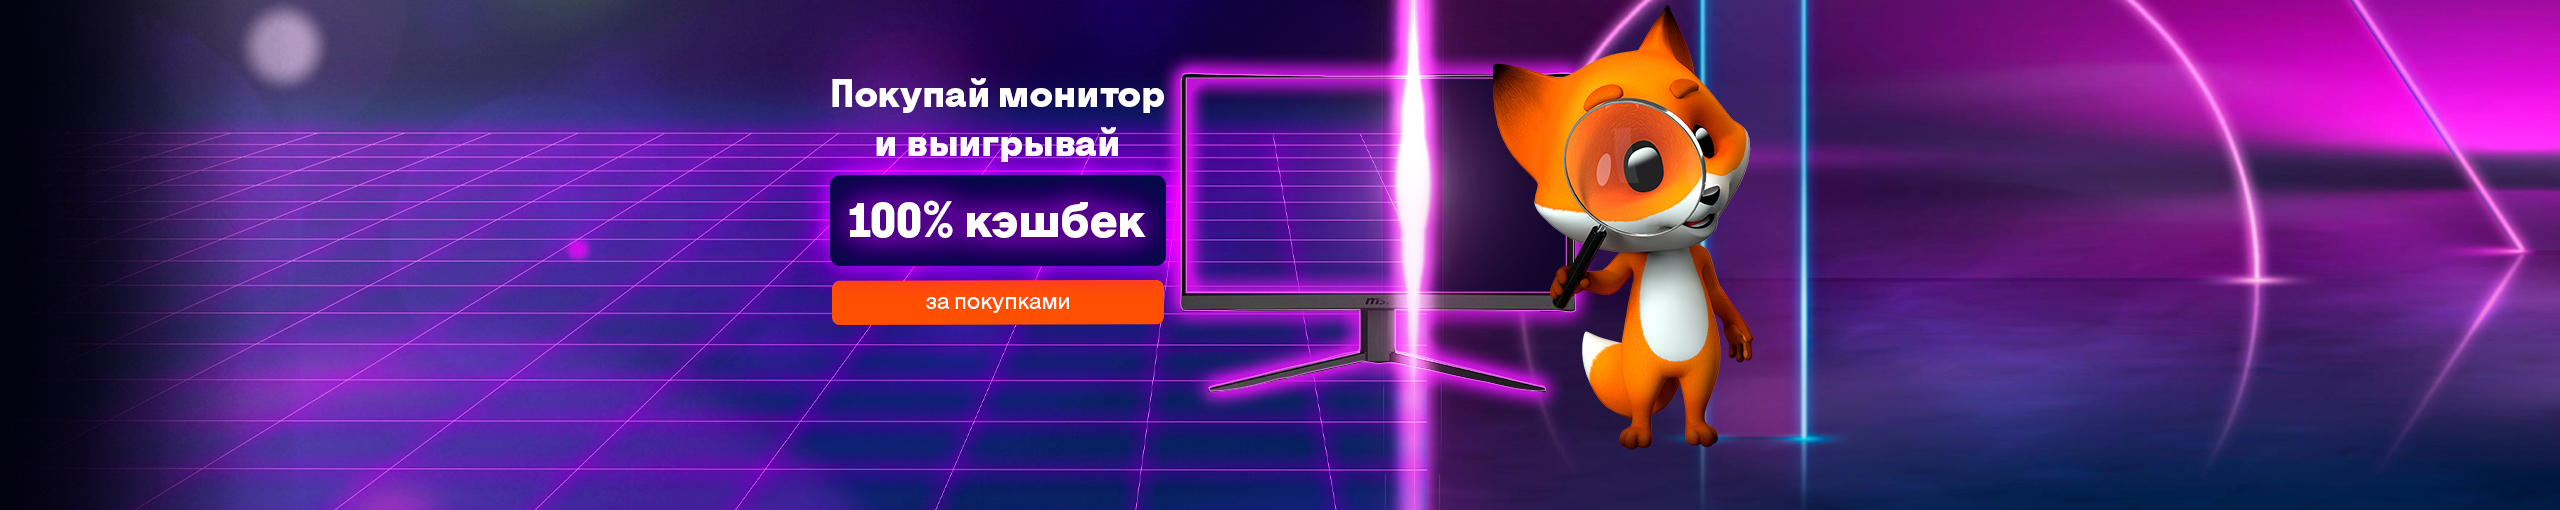 Кэшбек